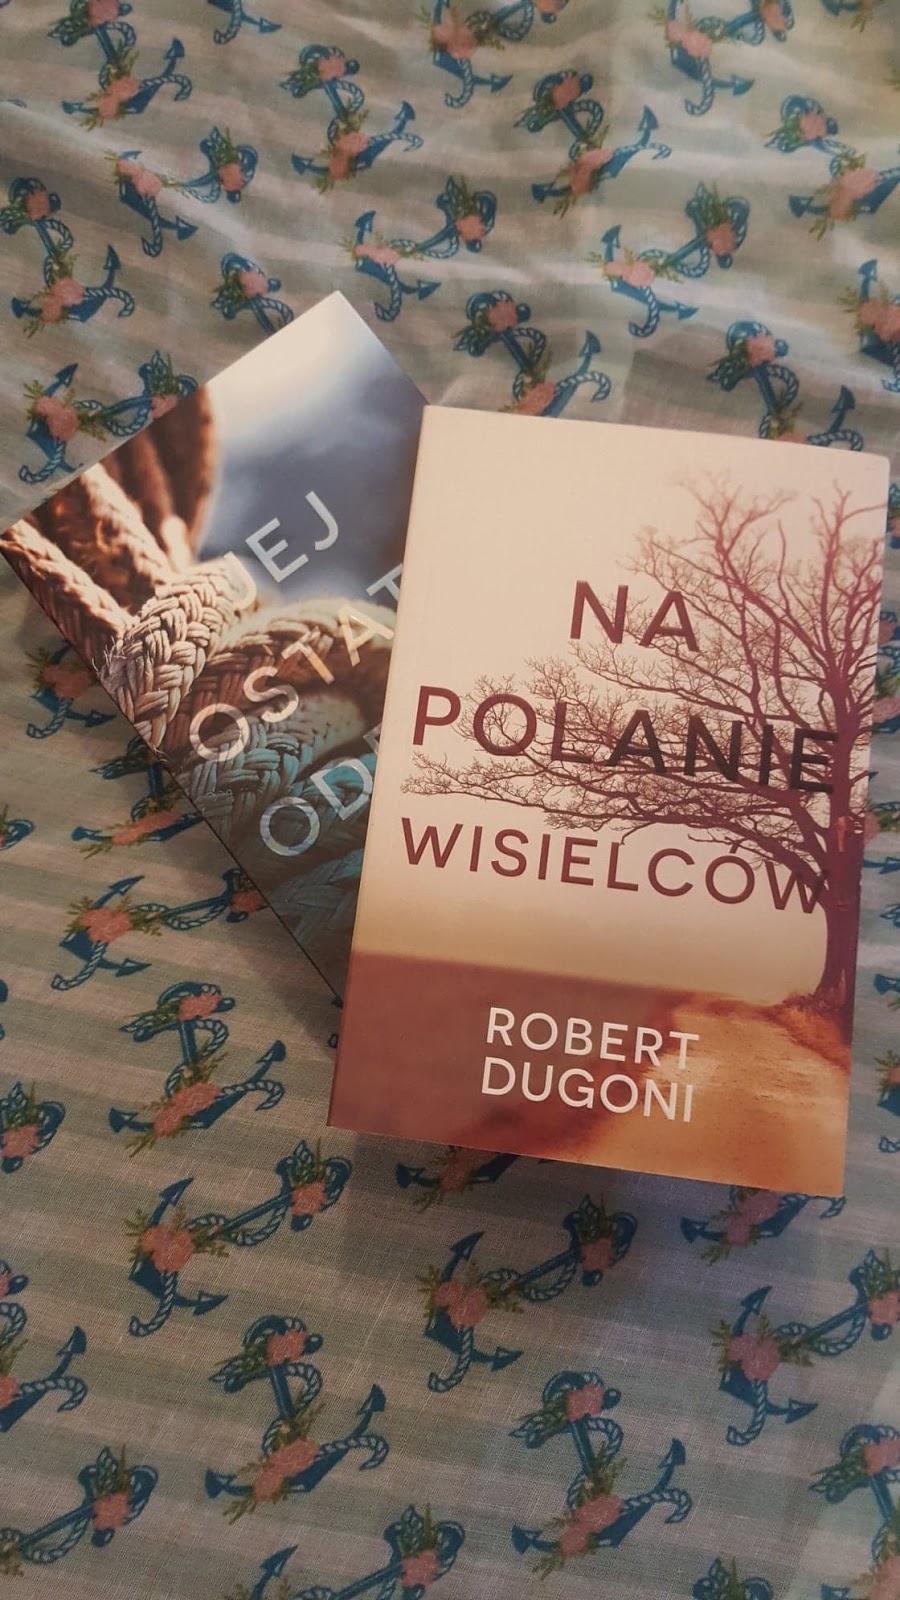 Robert Dugoni - Na polanie wisielców